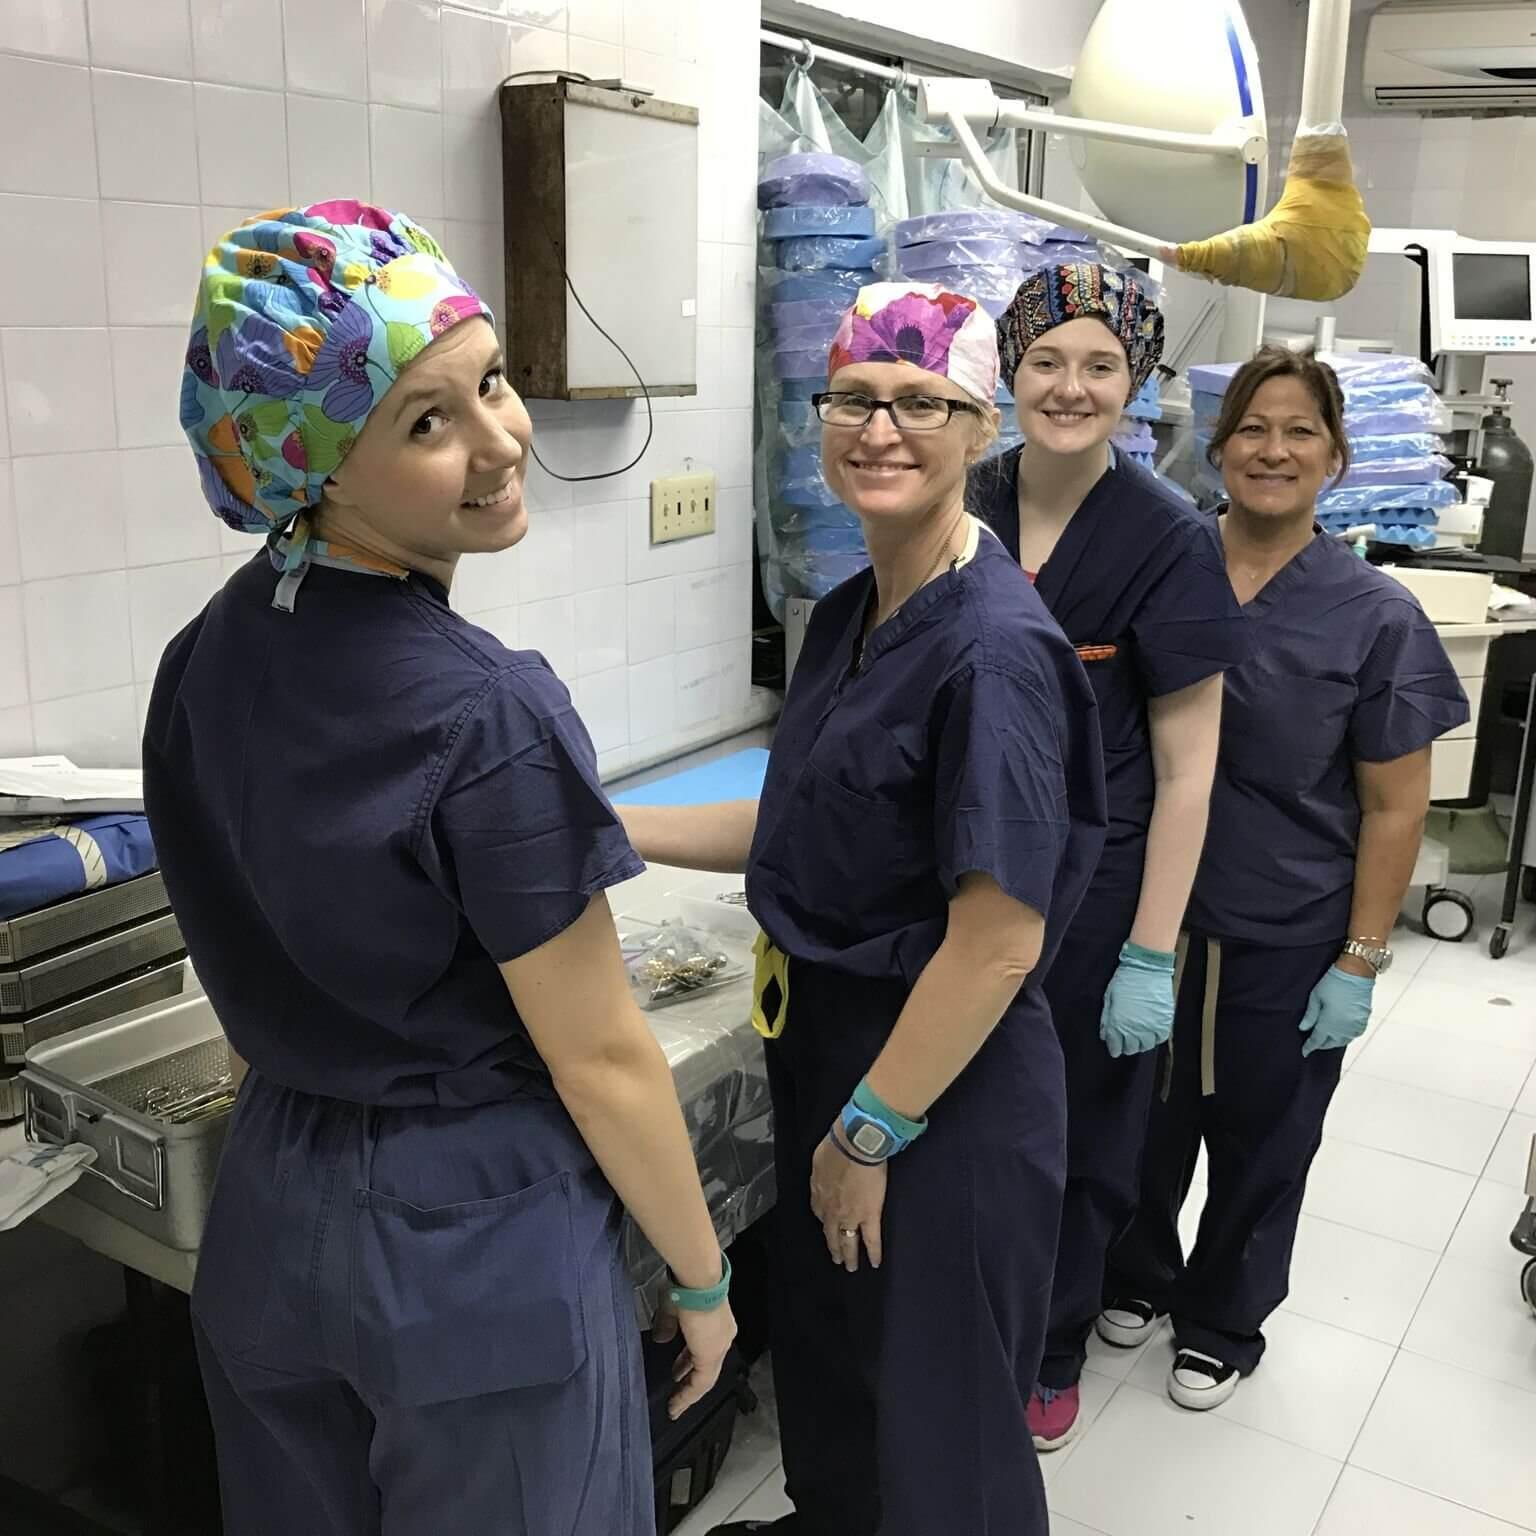 Nurses from Children's Memorial Hermann Hospital prep for surgery at Bernard Mevs Hospital in Jan. 2017.